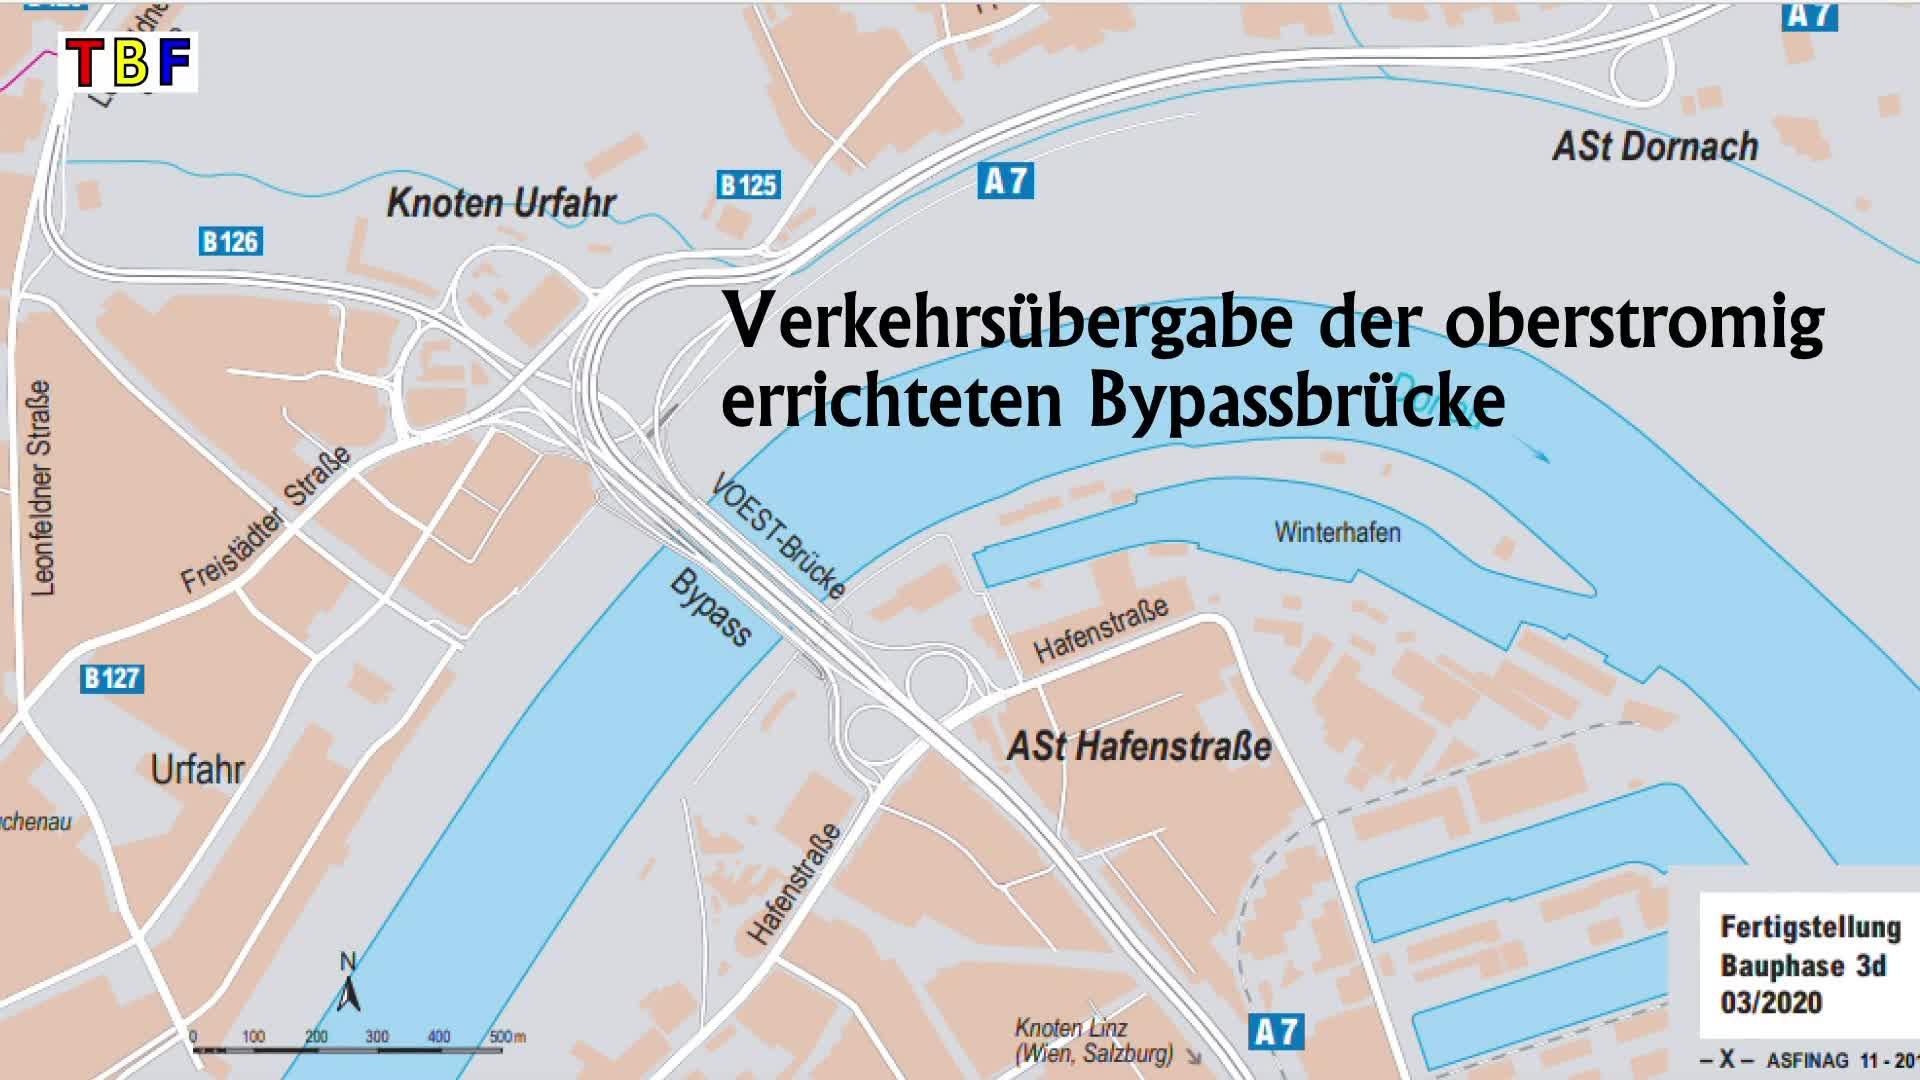 Verkehrsübergabe der stromaufwärts fertiggestellten Voest-Bypassbrücke